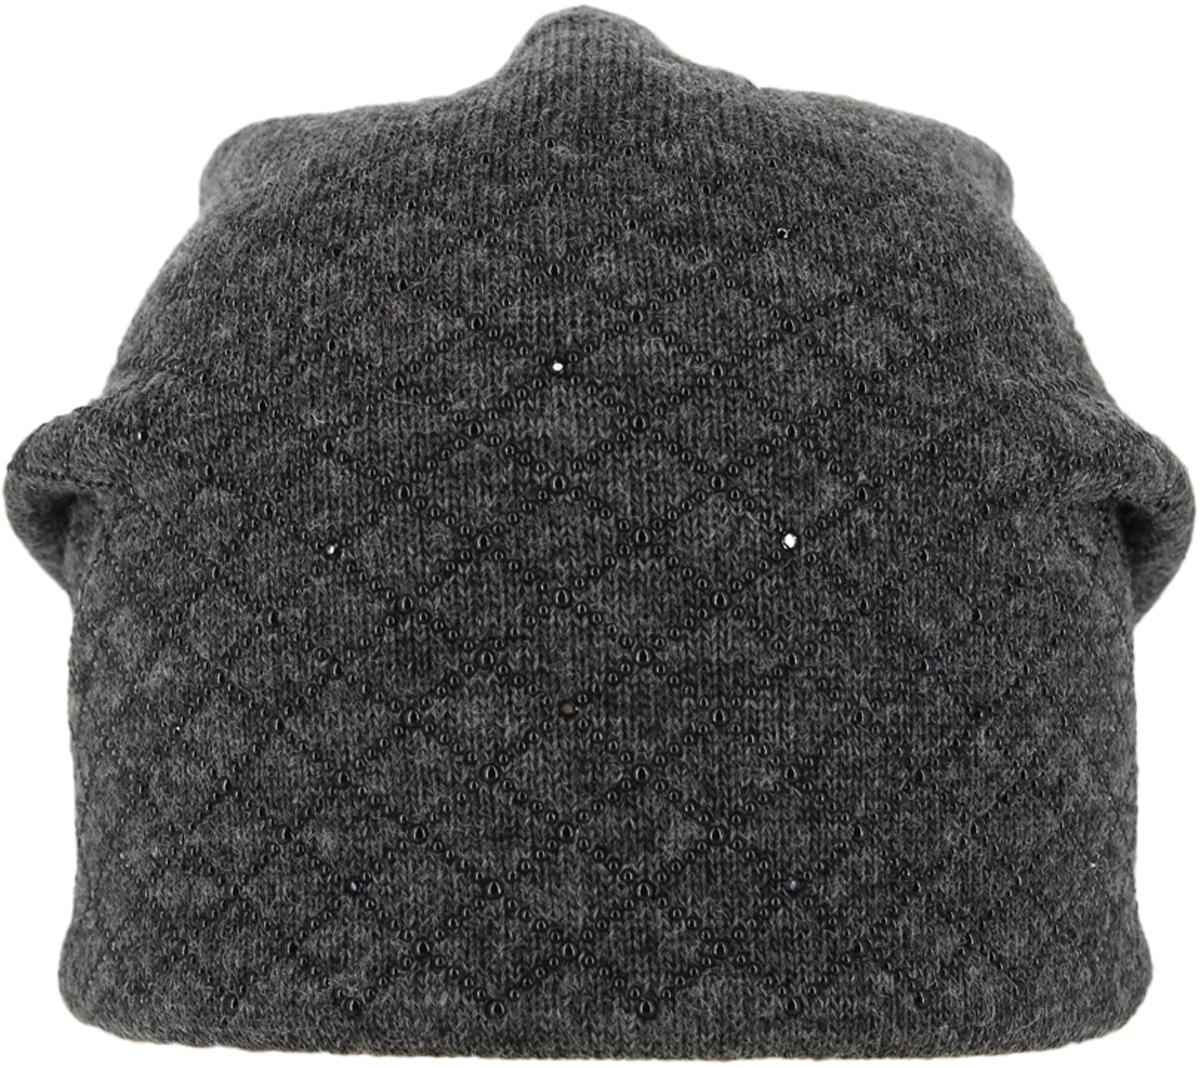 Шапка женская. 993855993855Теплая женская шапка ,детали и оттенок изделия могут отличаться от представленных на фото